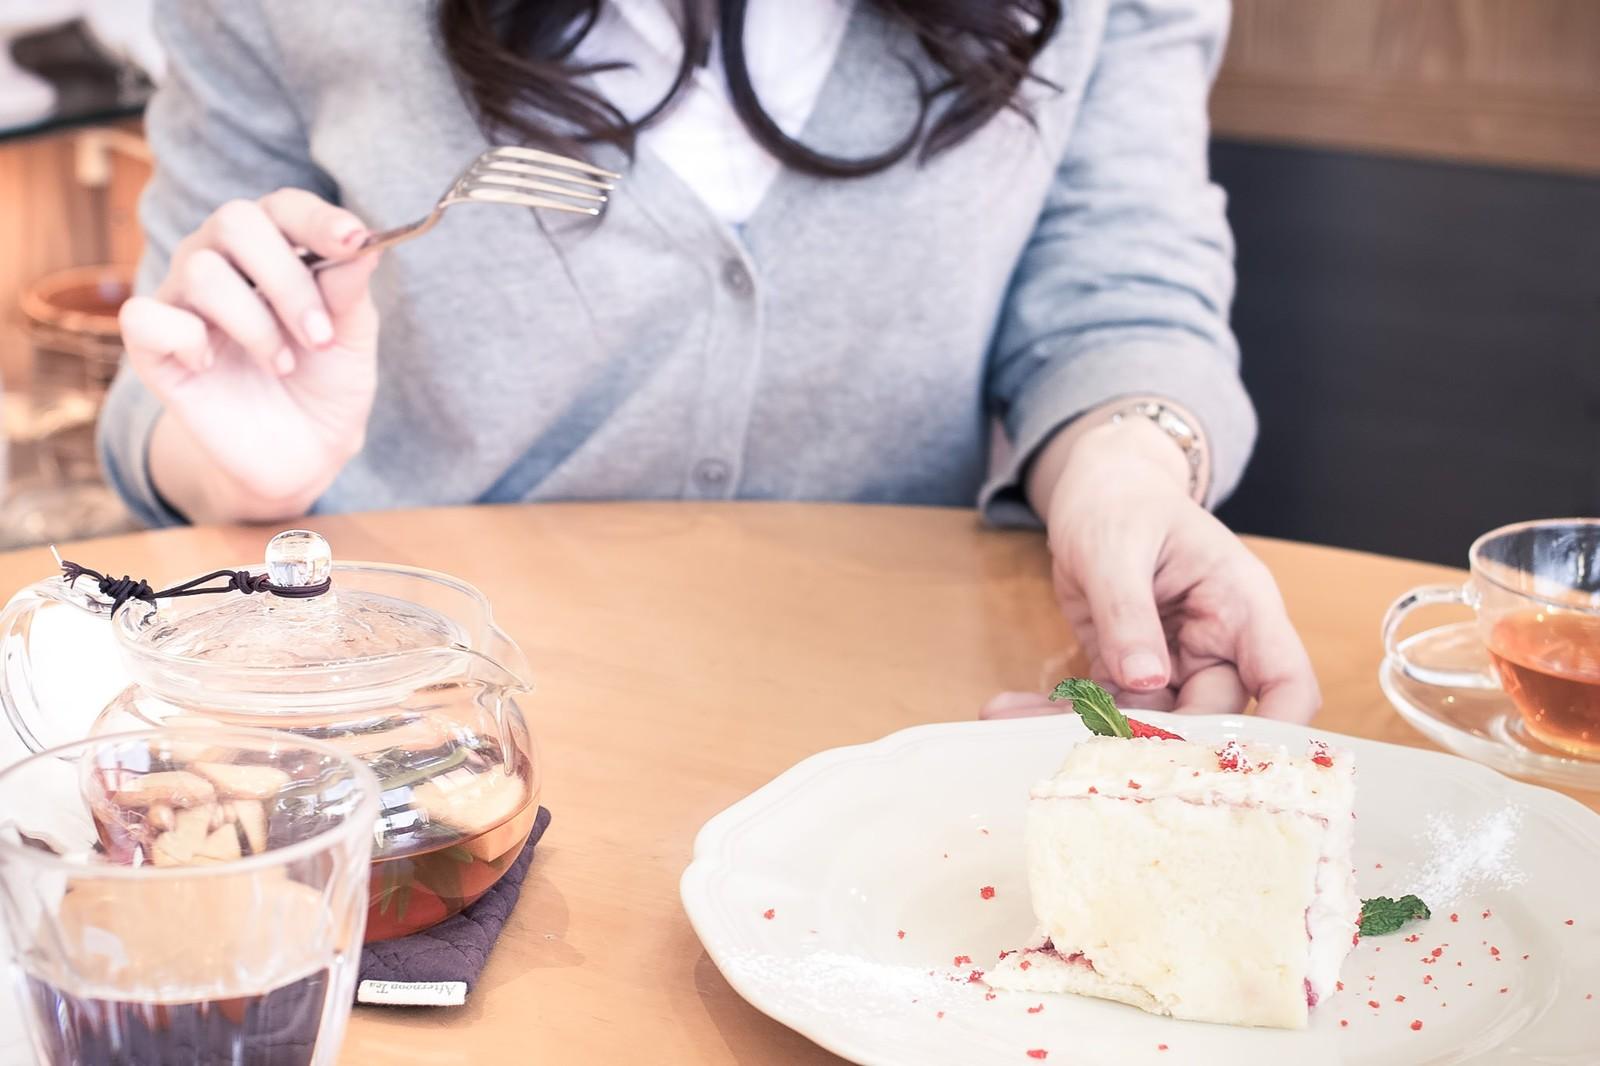 渋谷のランチで使えるカフェまとめ!おしゃれでゆっくりできるお店を紹介!